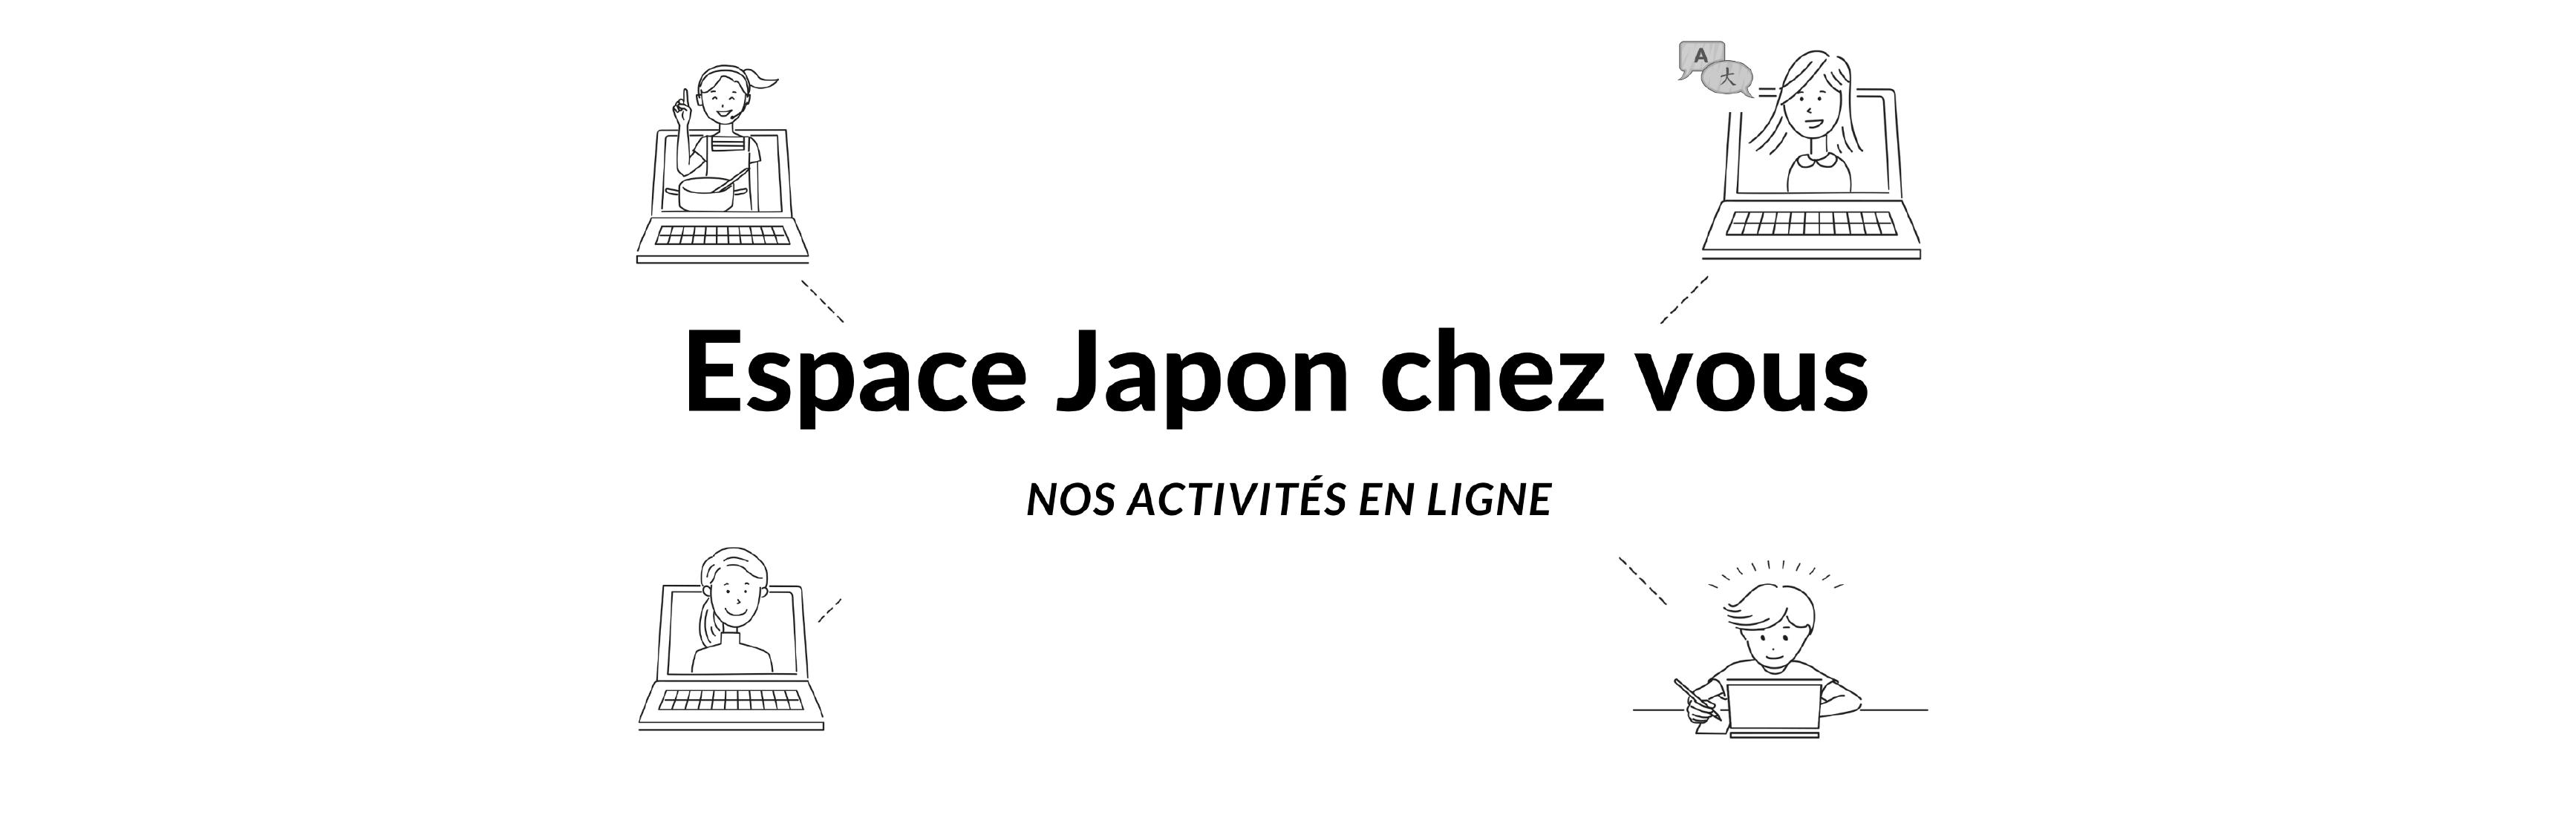 les_activites_a_distance_d_espace_japon